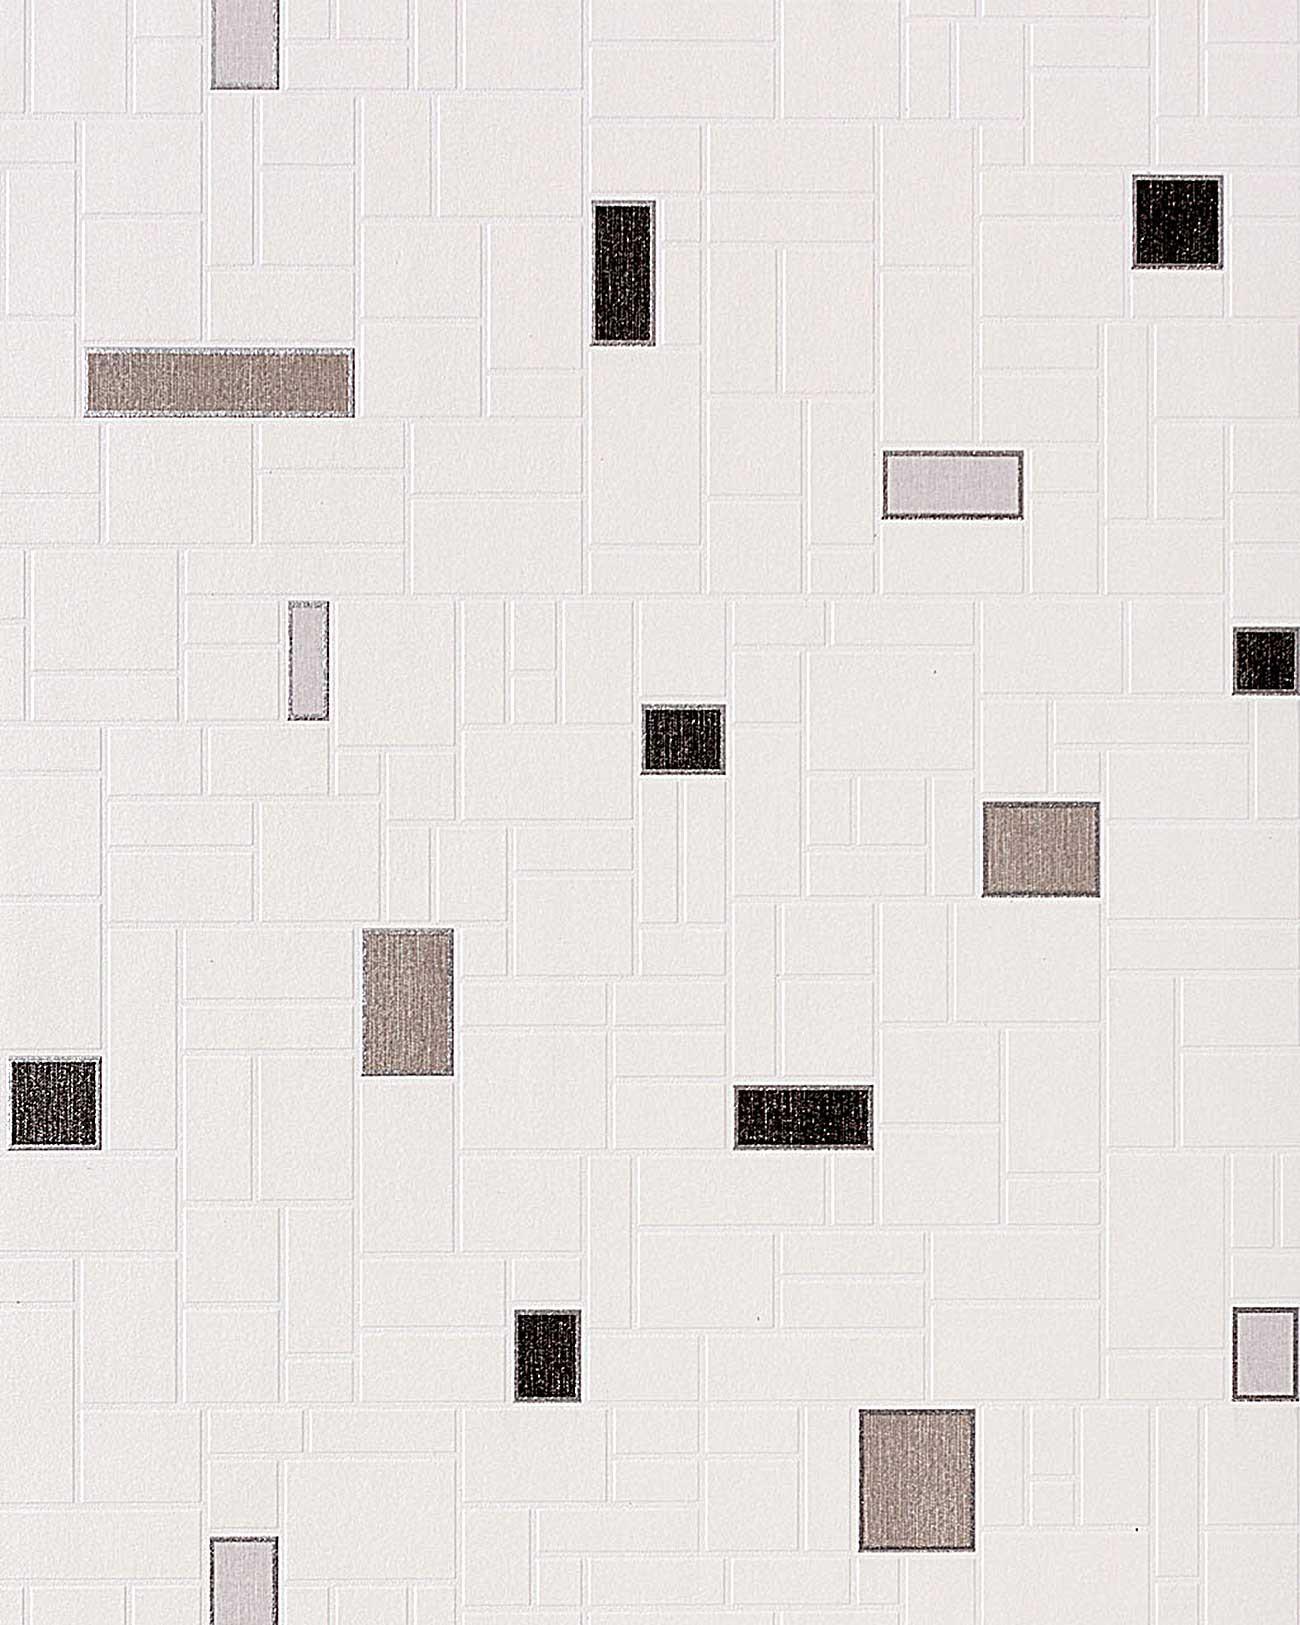 Papel mural con dise o de figuras geom tricas y azulejos - Papel pintado blanco y gris ...